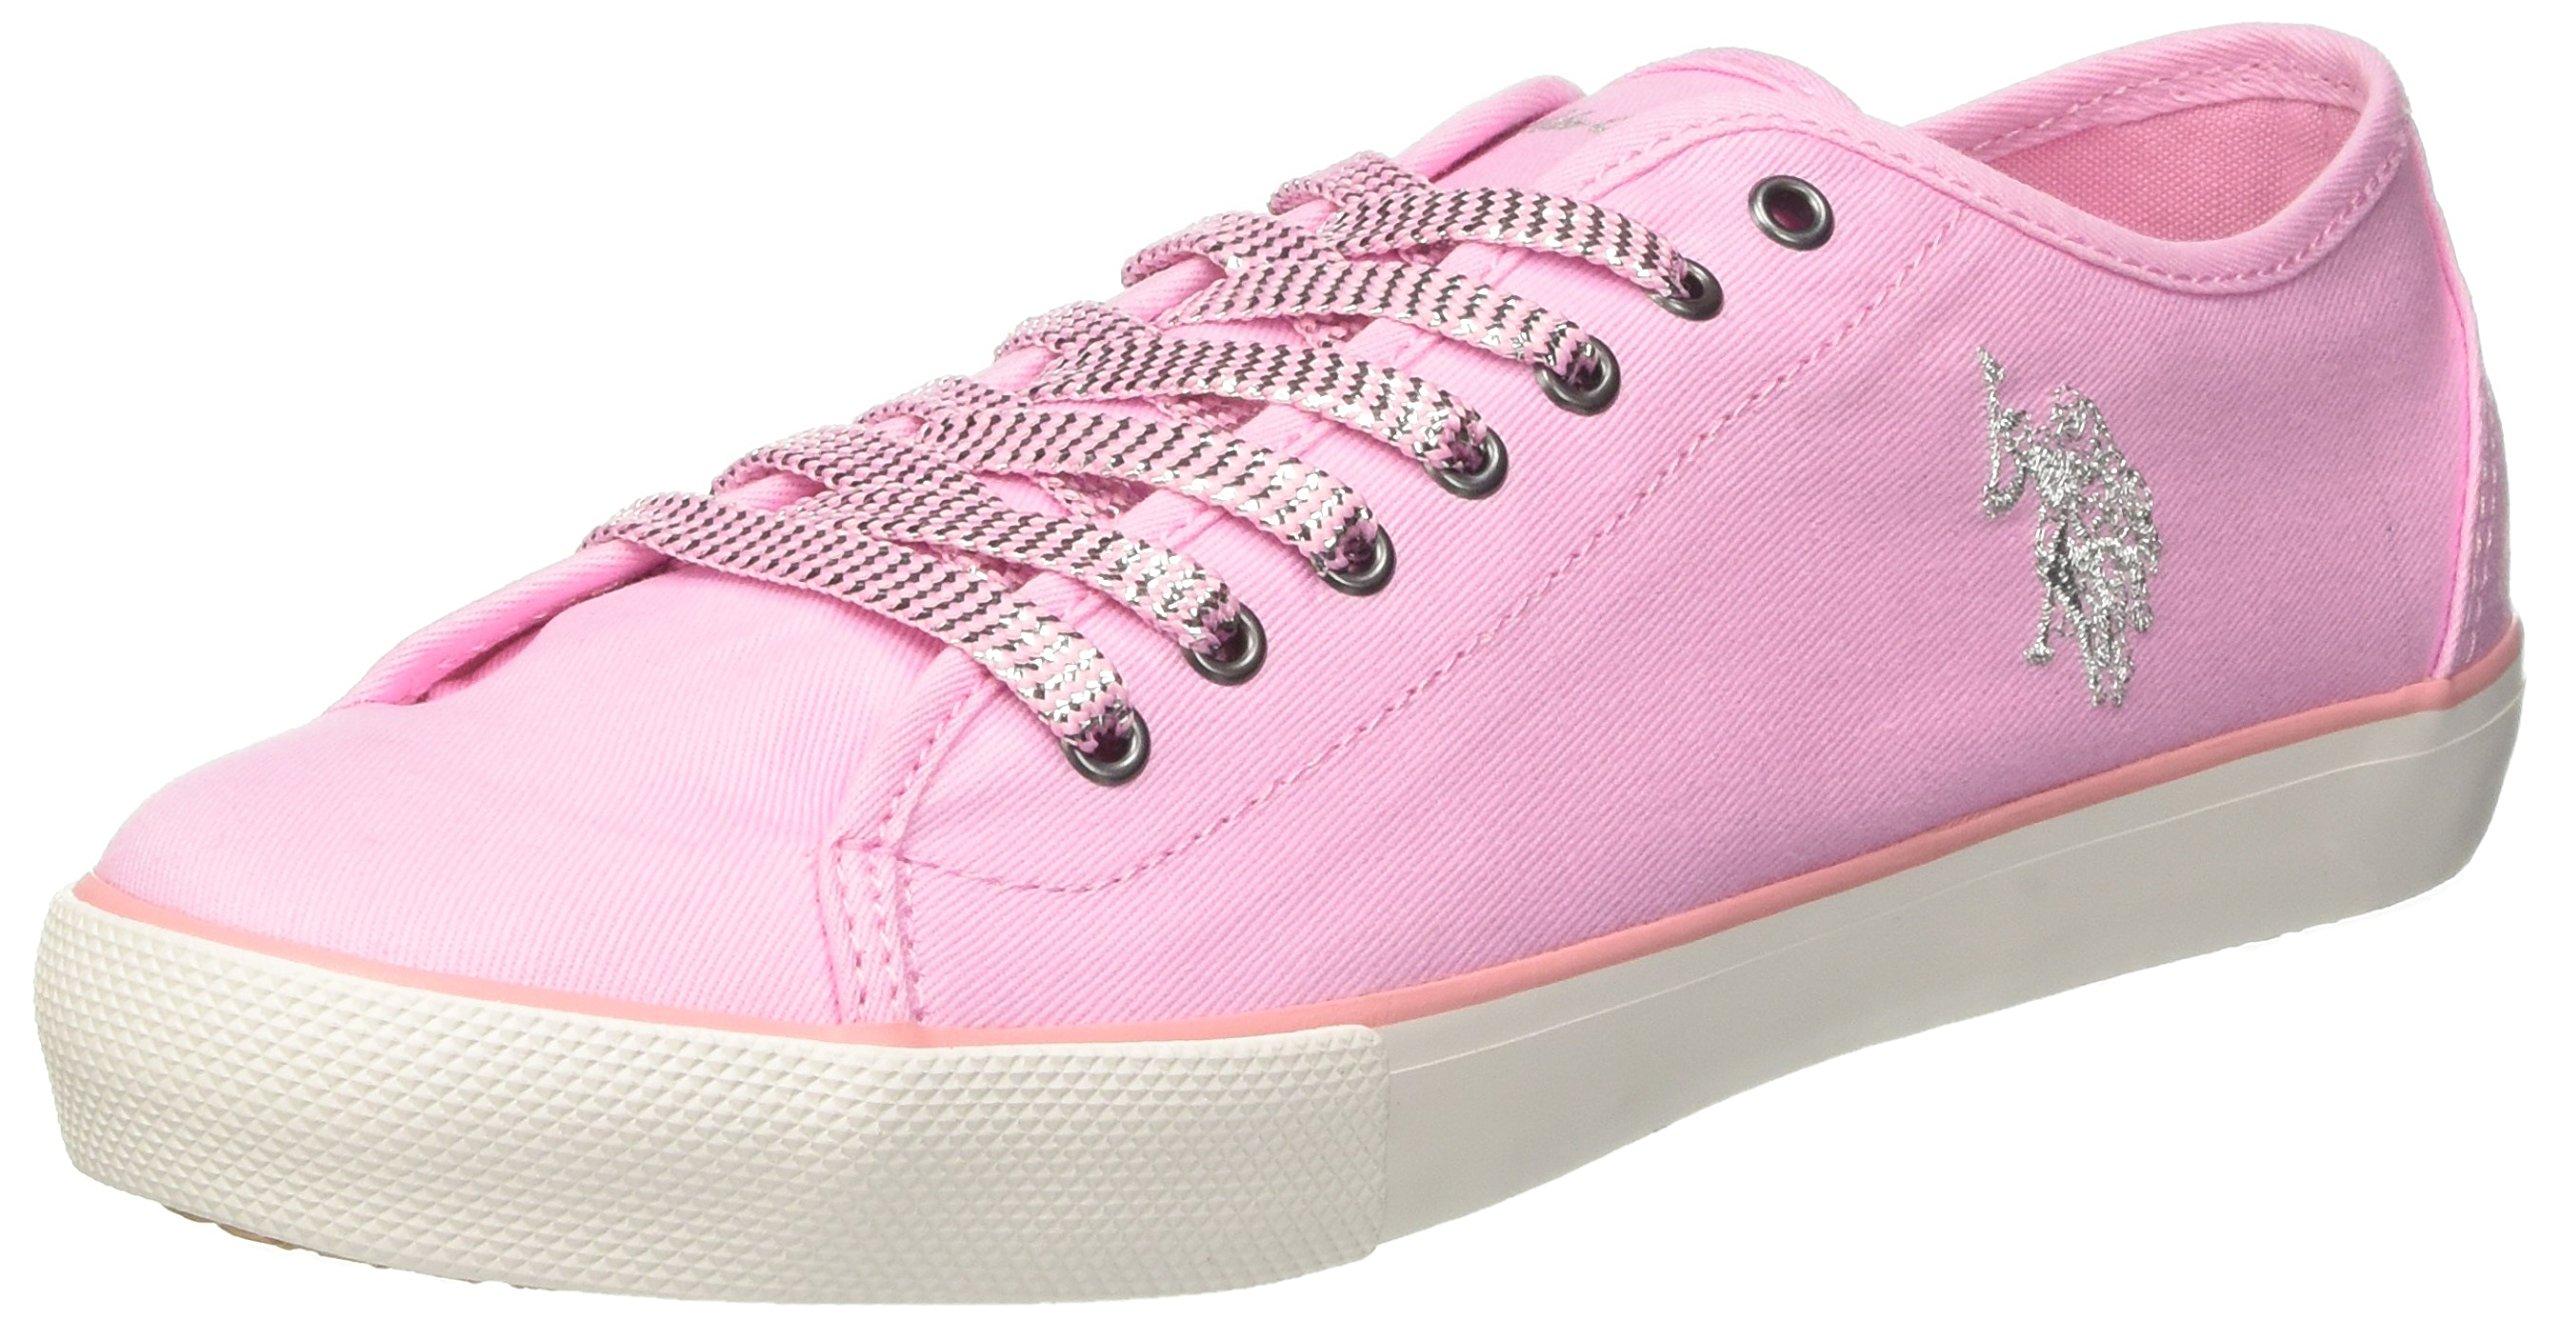 AssnTerryBaskets Pink38 FemmeRose Eu polo U s FuTc3lJK1